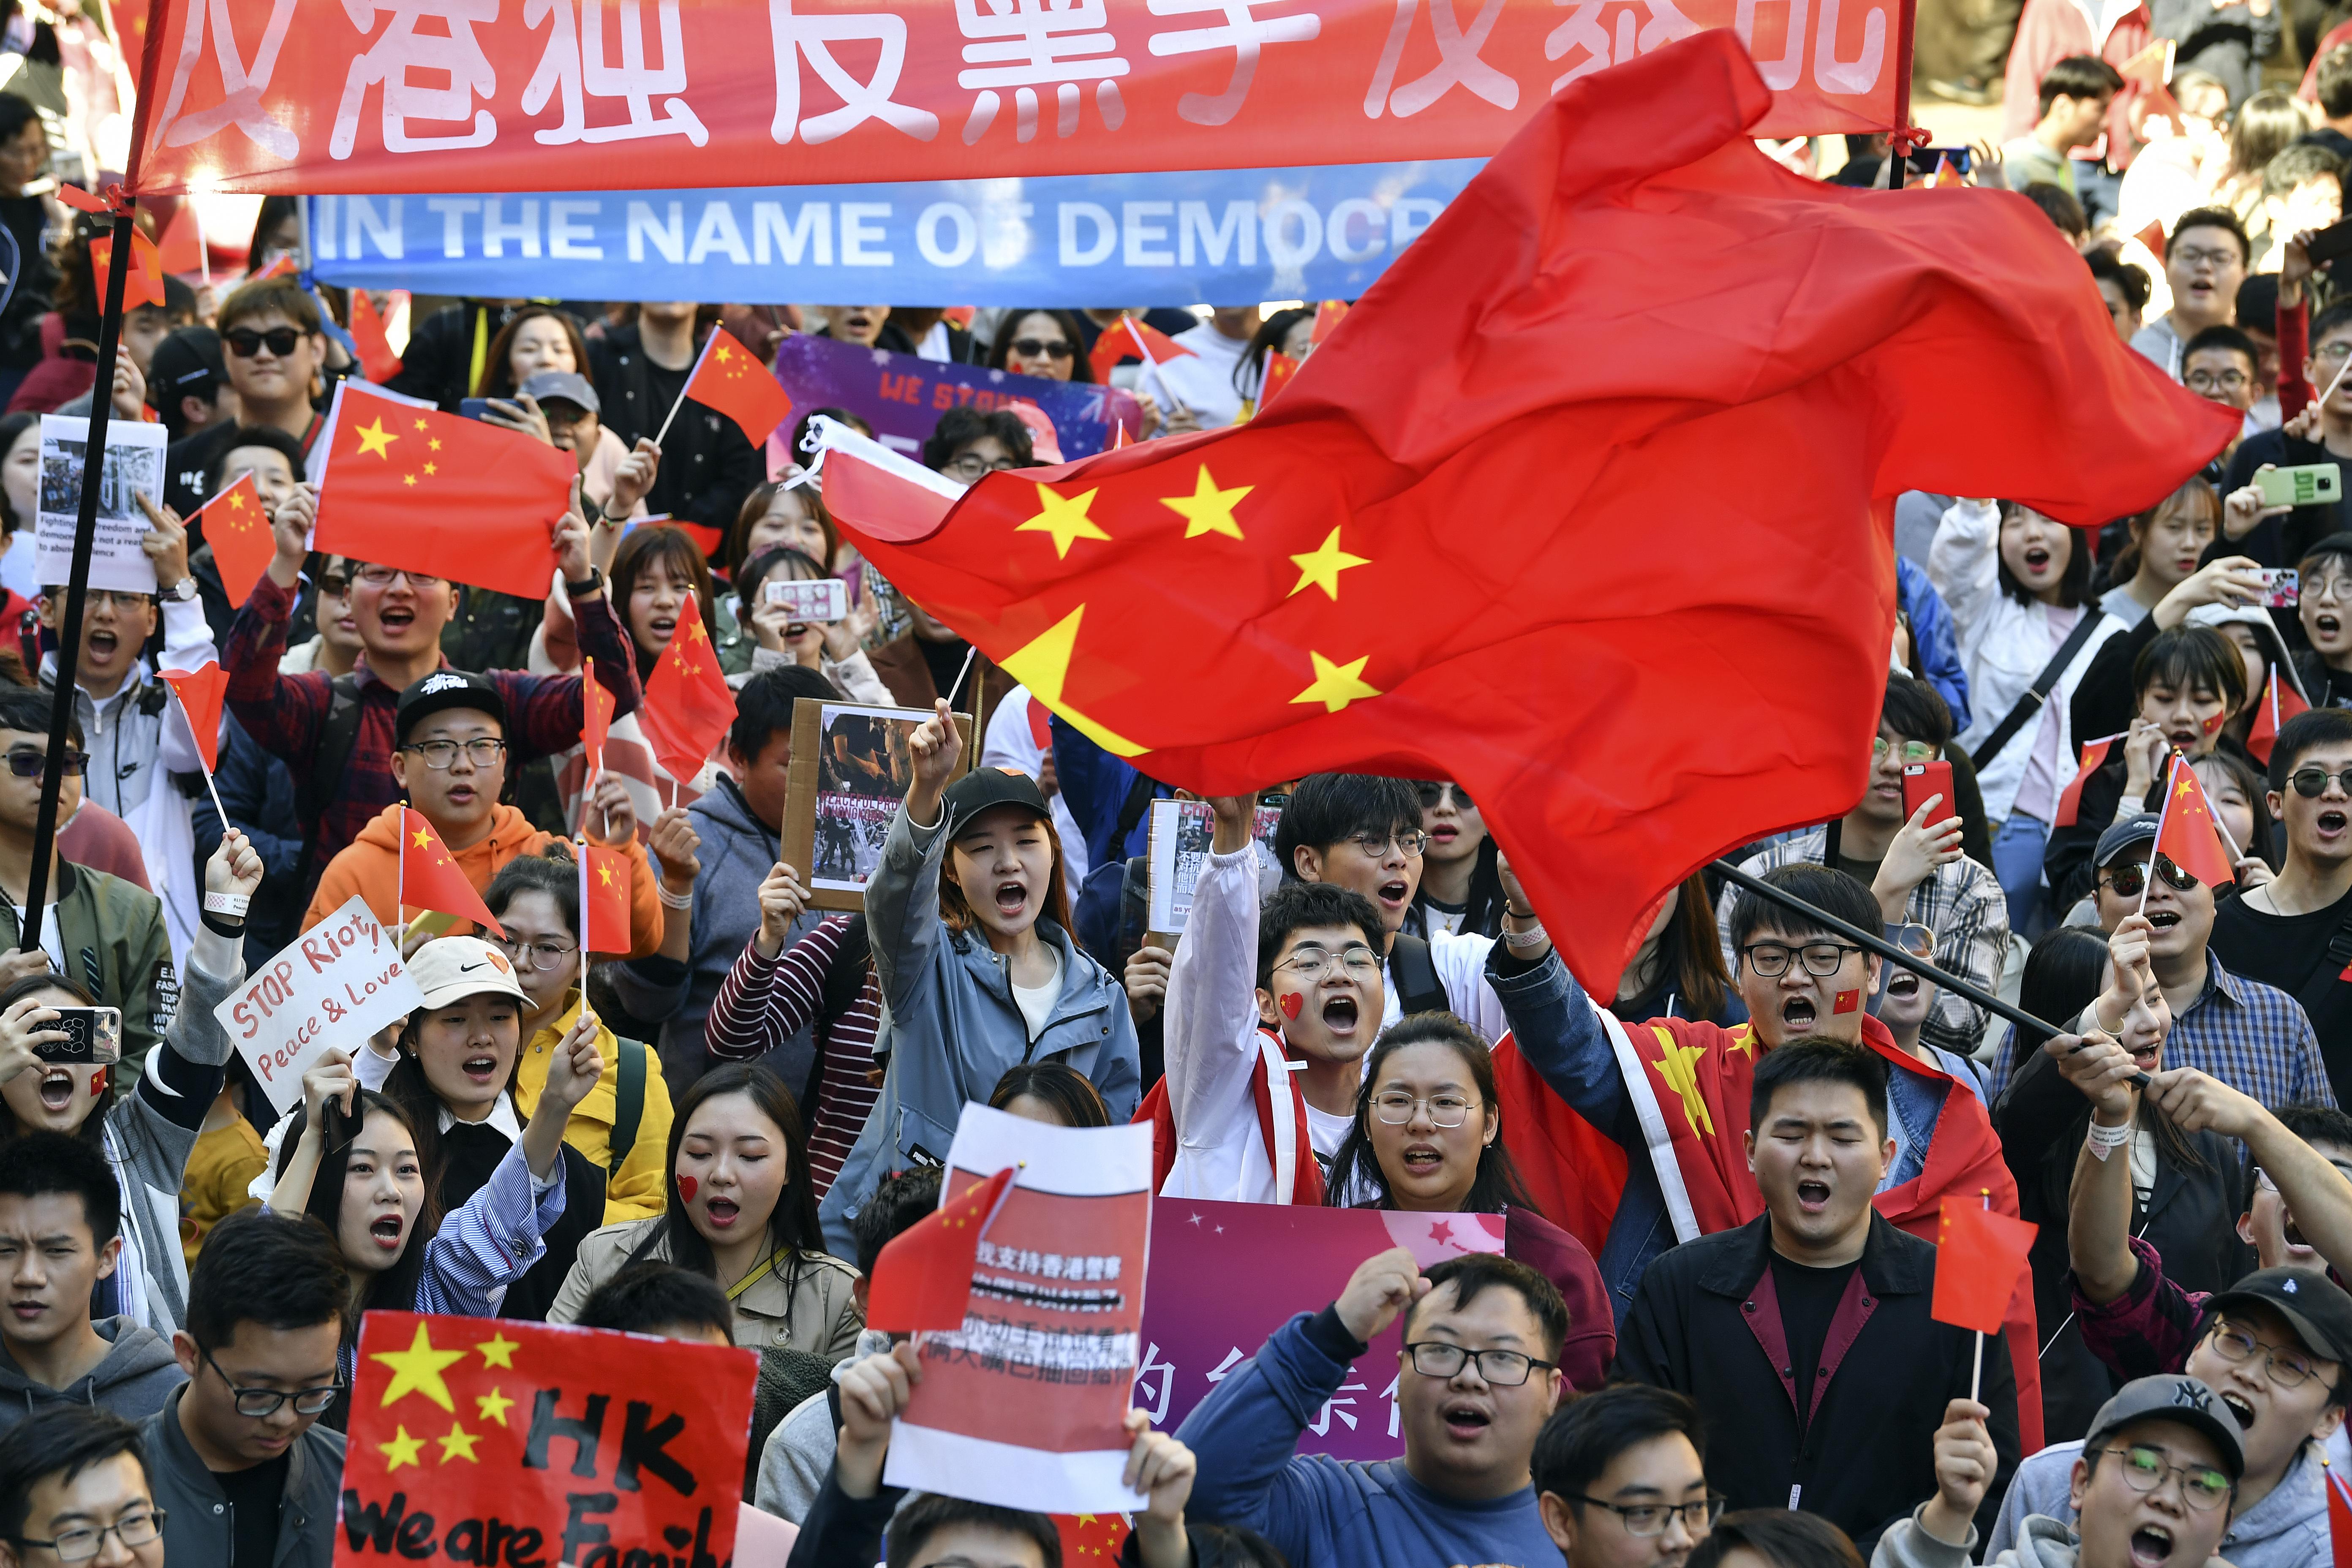 Kína gazdasága éveken belül lekörözi Amerikát a Covid-válság gyorsabb kezelésének köszönhetően